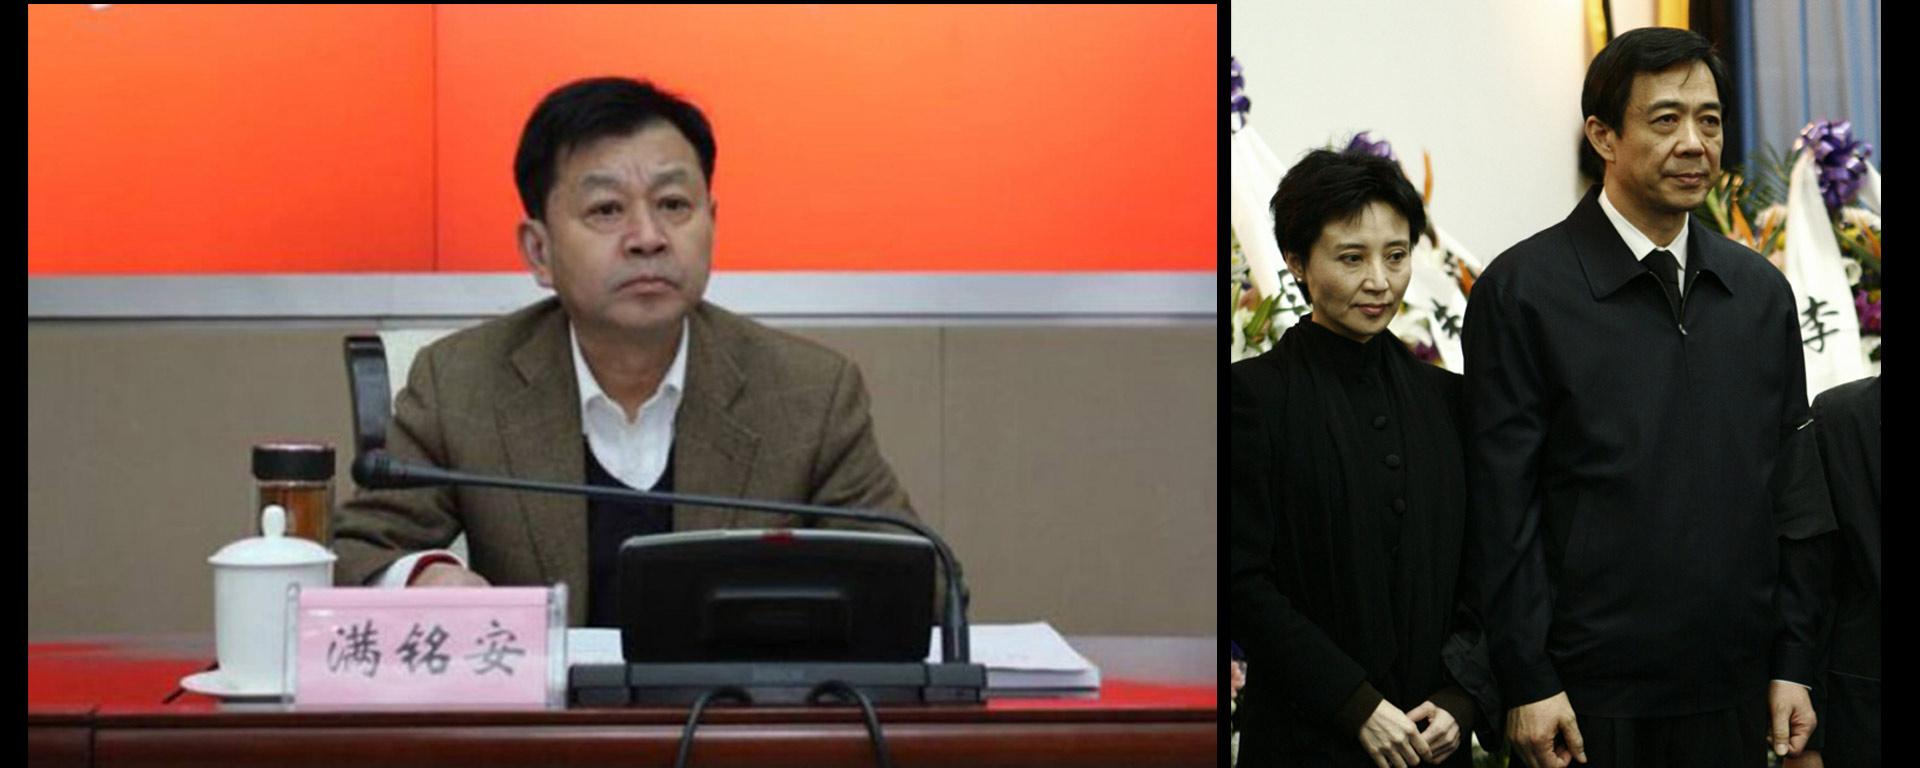 La policía encontró el cuerpo sin vida del fiscal que llevó a la cárcel a la esposa del político chino Bo Xilai